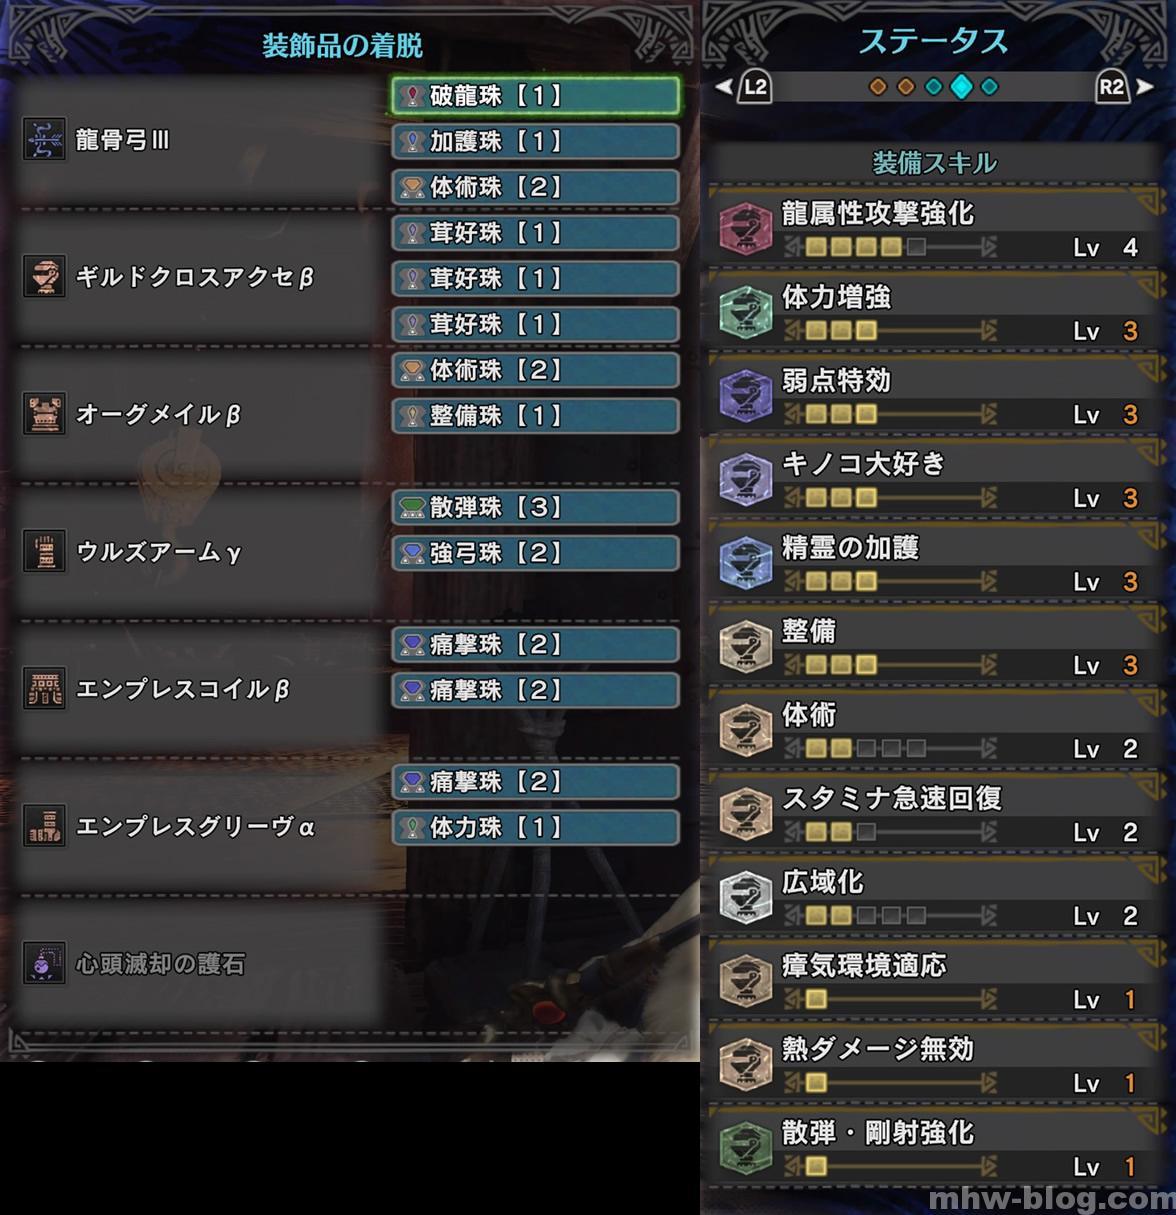 歴戦王ゼノ用弓装備_02